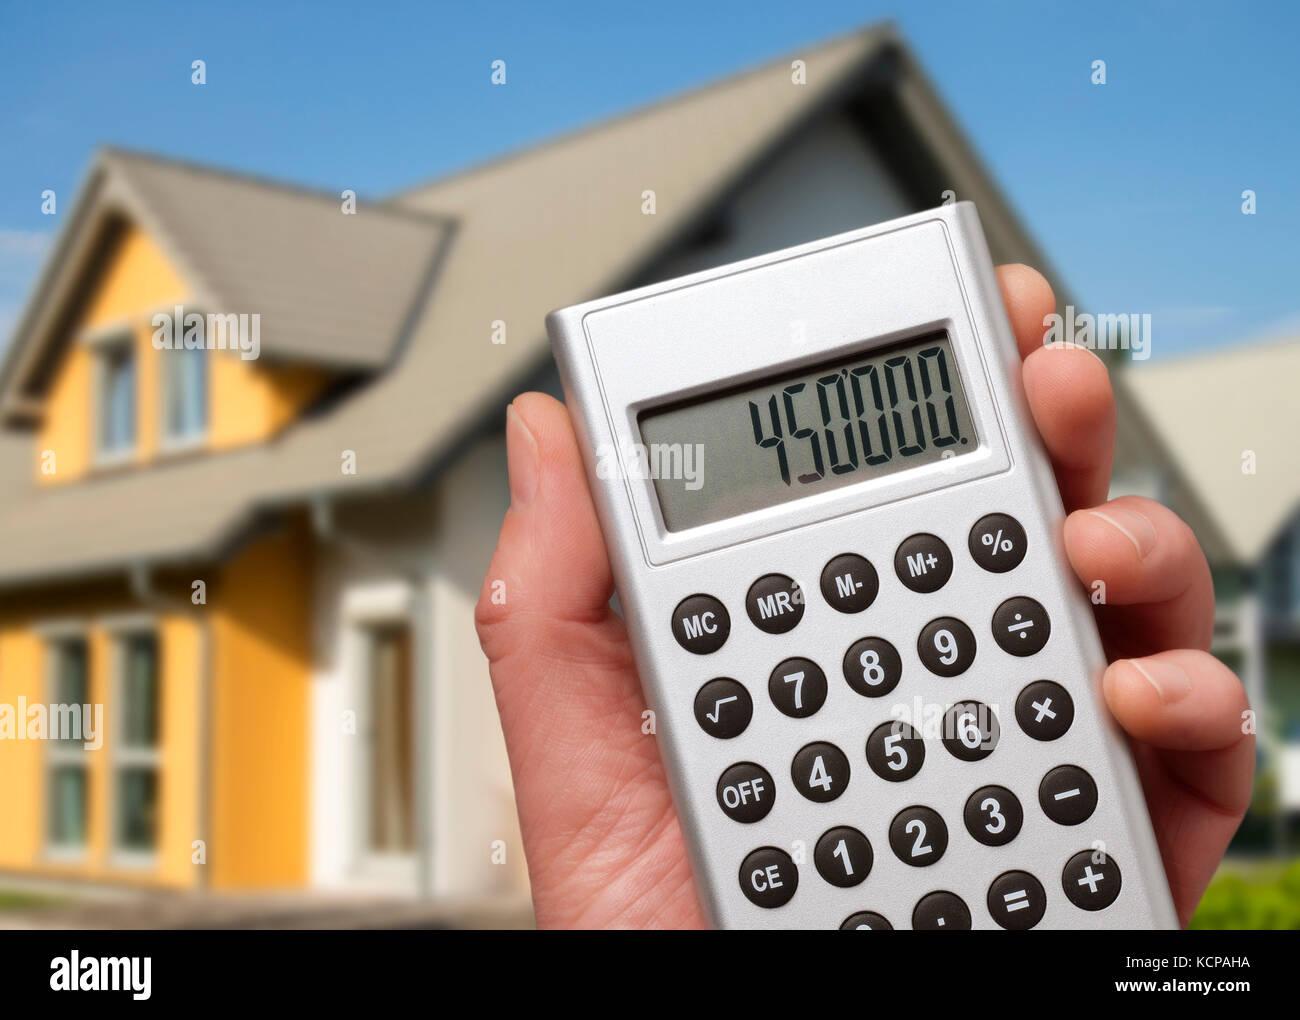 Property Claim Imágenes De Stock & Property Claim Fotos De Stock - Alamy